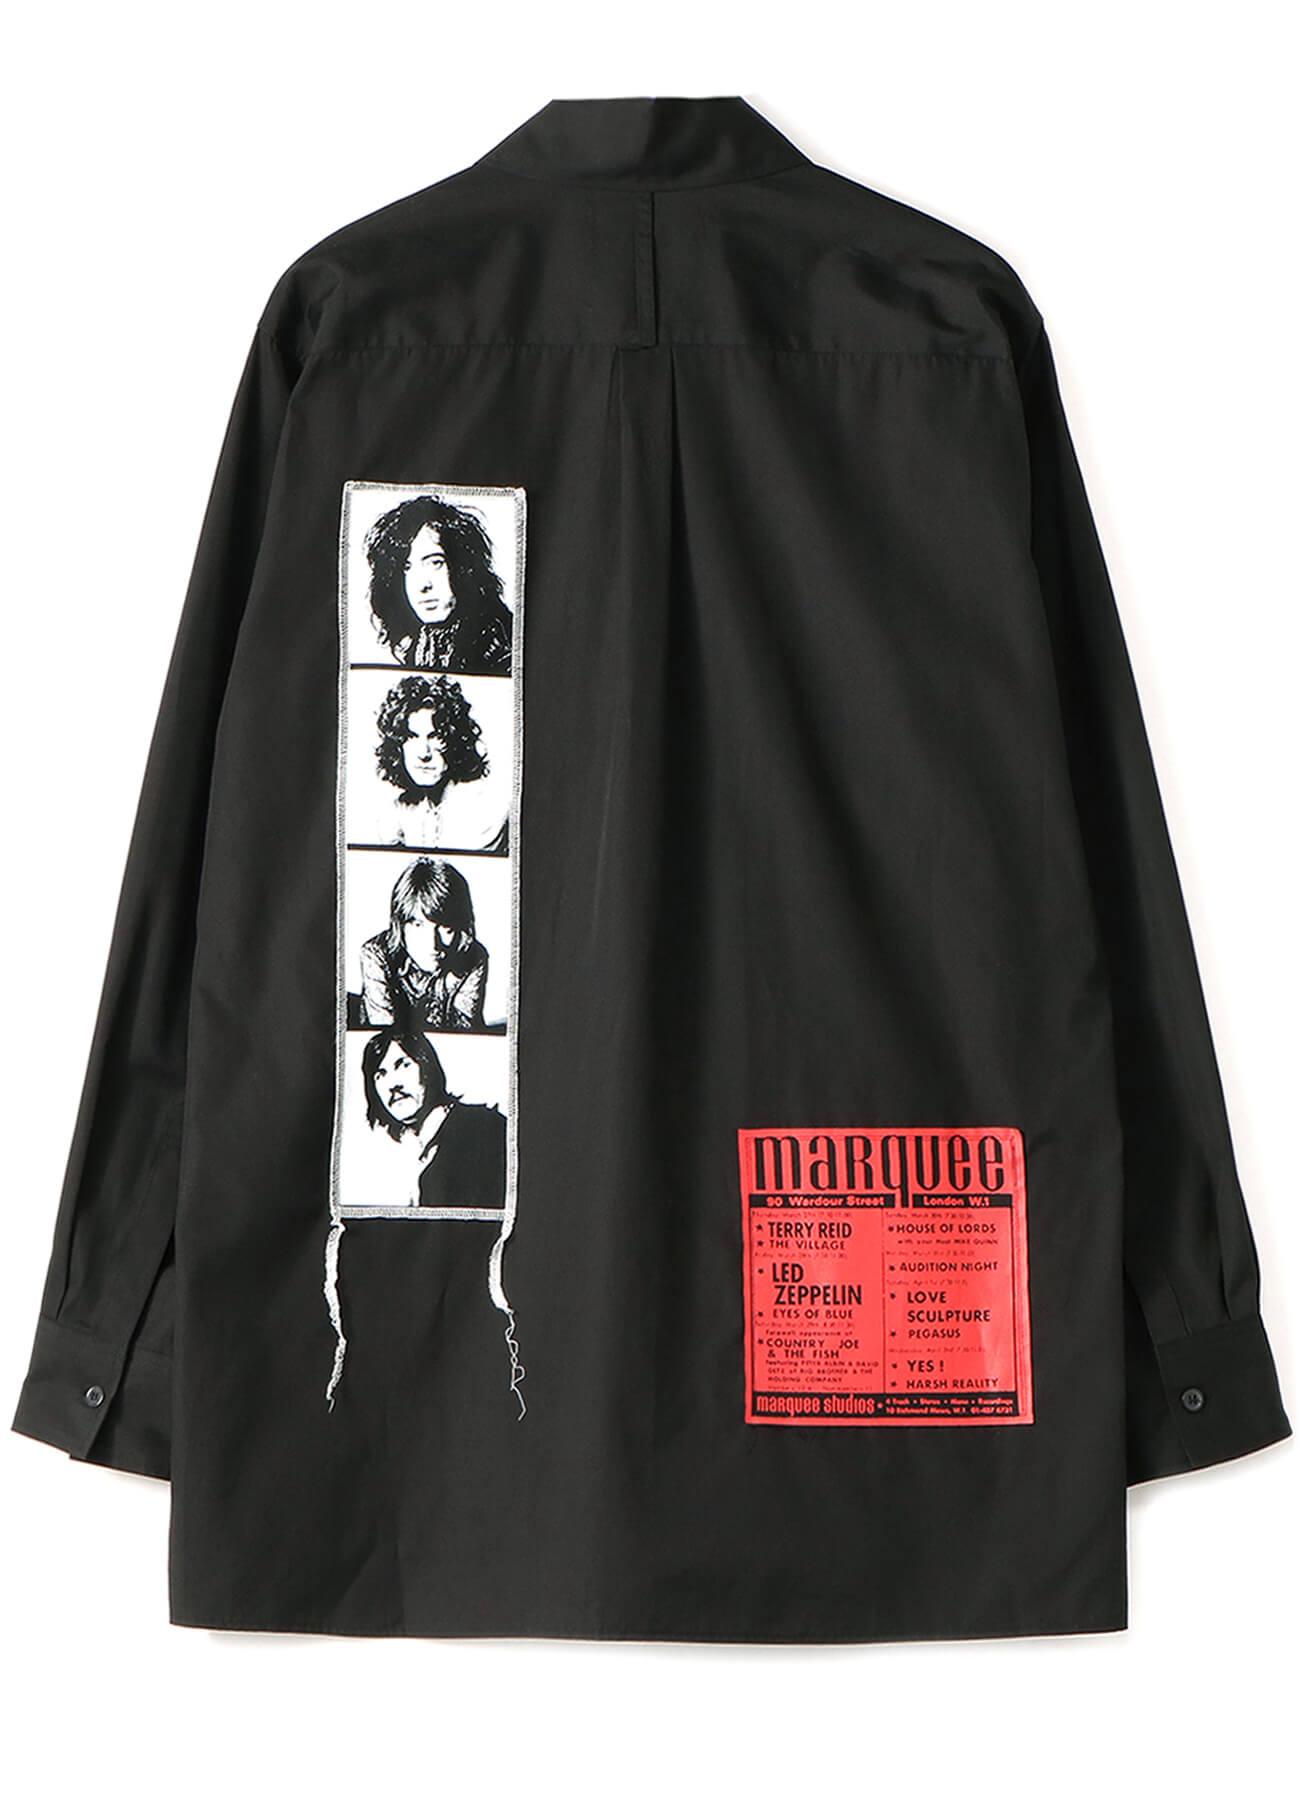 マーキー・クラブに出演した頃のレッド・ツェッペリンのメンバー・フォト、ライヴ・フライヤーを組み合わせたシャツ(Front) 21,000円